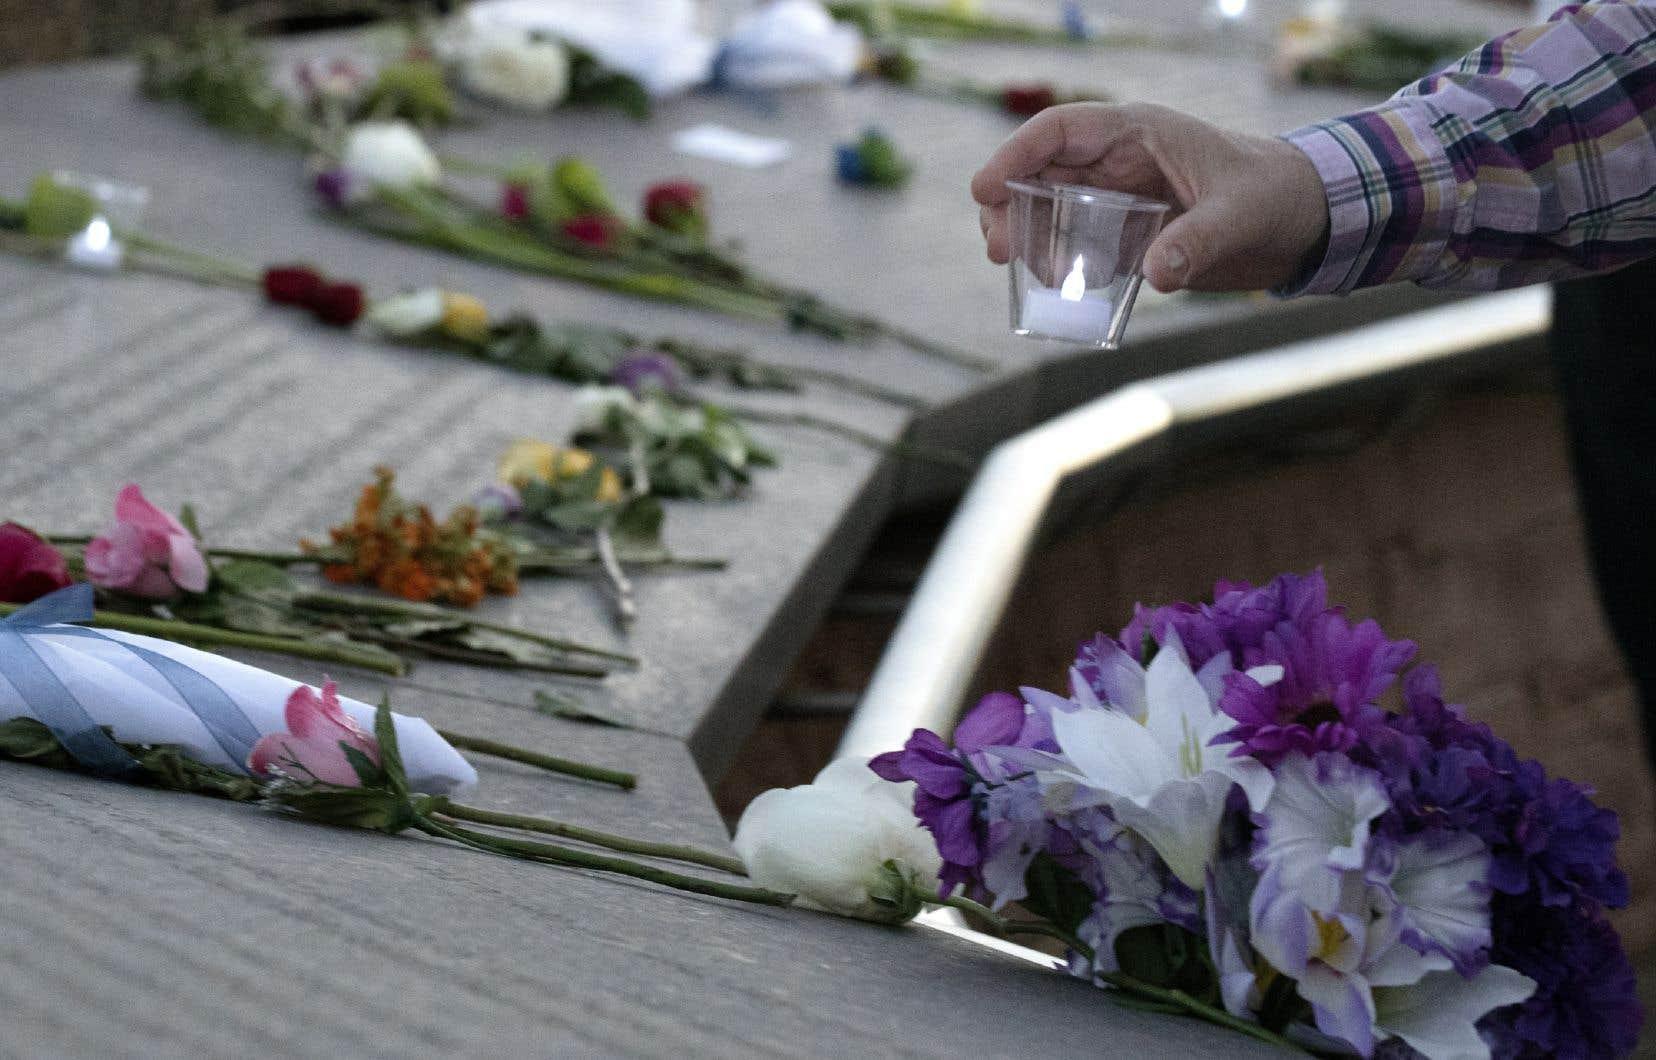 Un visiteur place une bougie parmi des fleurs sur le monument commémoratif Columbine au Clement Park de Littleton, dans le Colorado, à l'occasion du 20e anniversaire de la tuerie de l'école Columbine.